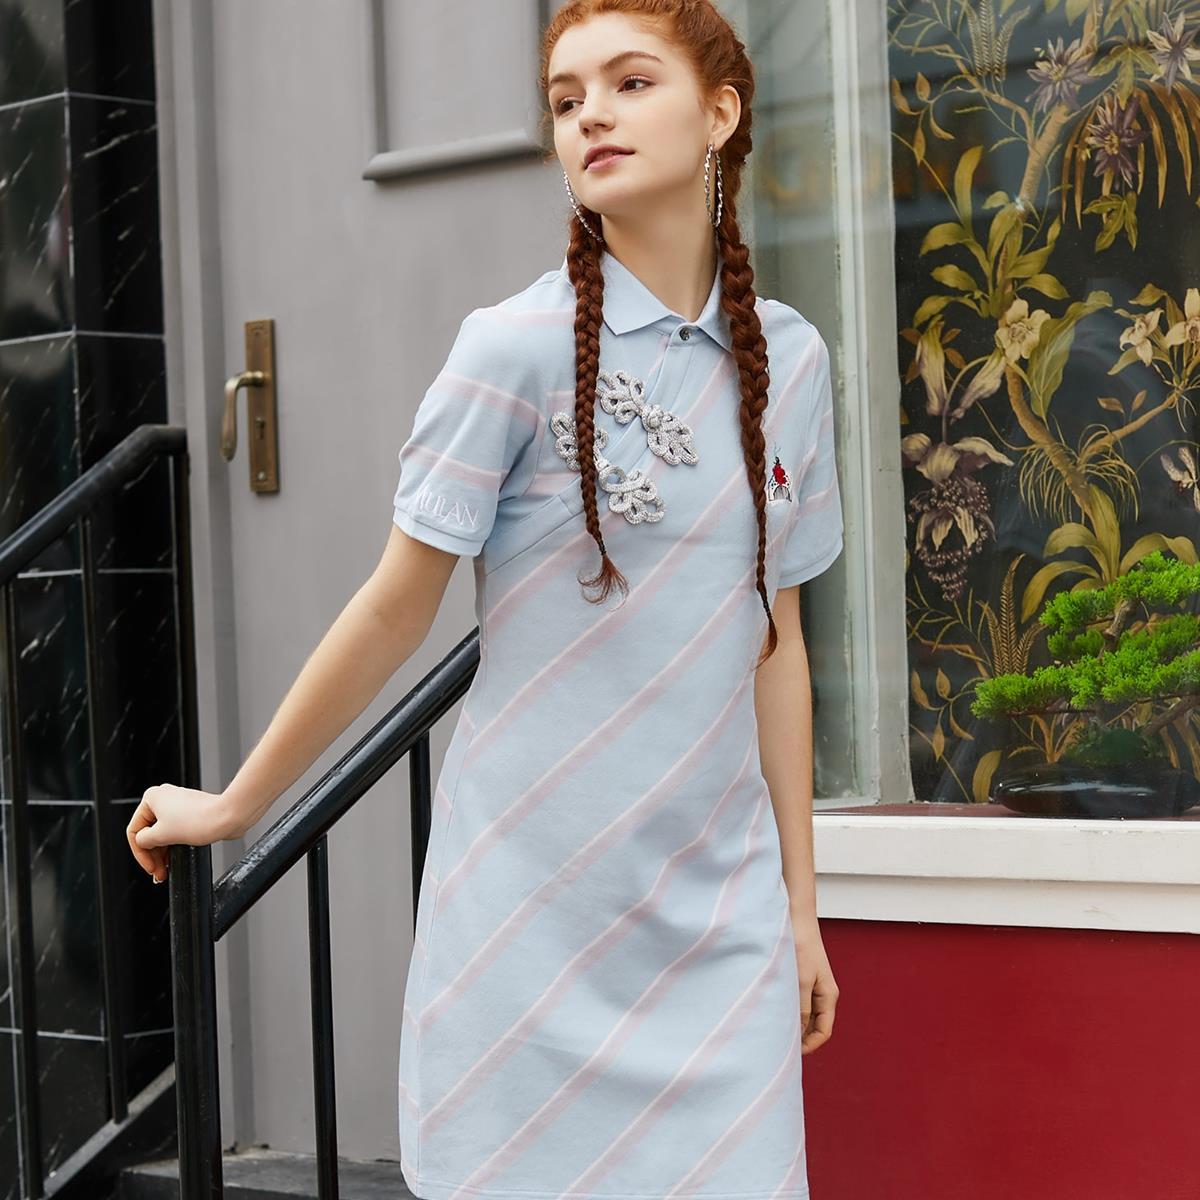 VERO MODA 花木兰联名 320261525C41 女士旗袍连衣裙